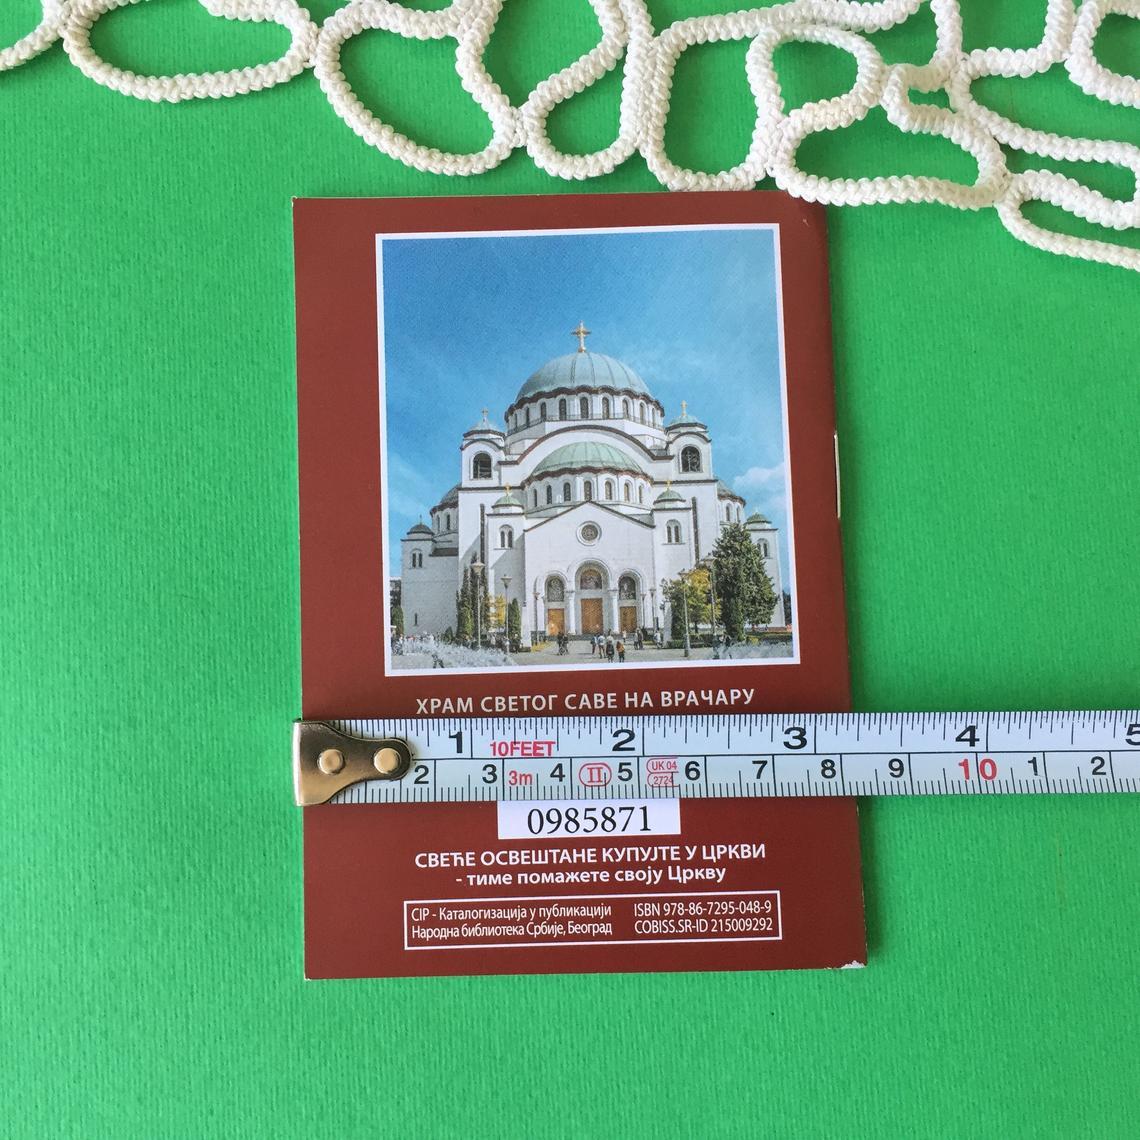 Serbian Orthodox Church Pocket Calendar For 2021 | Etsy